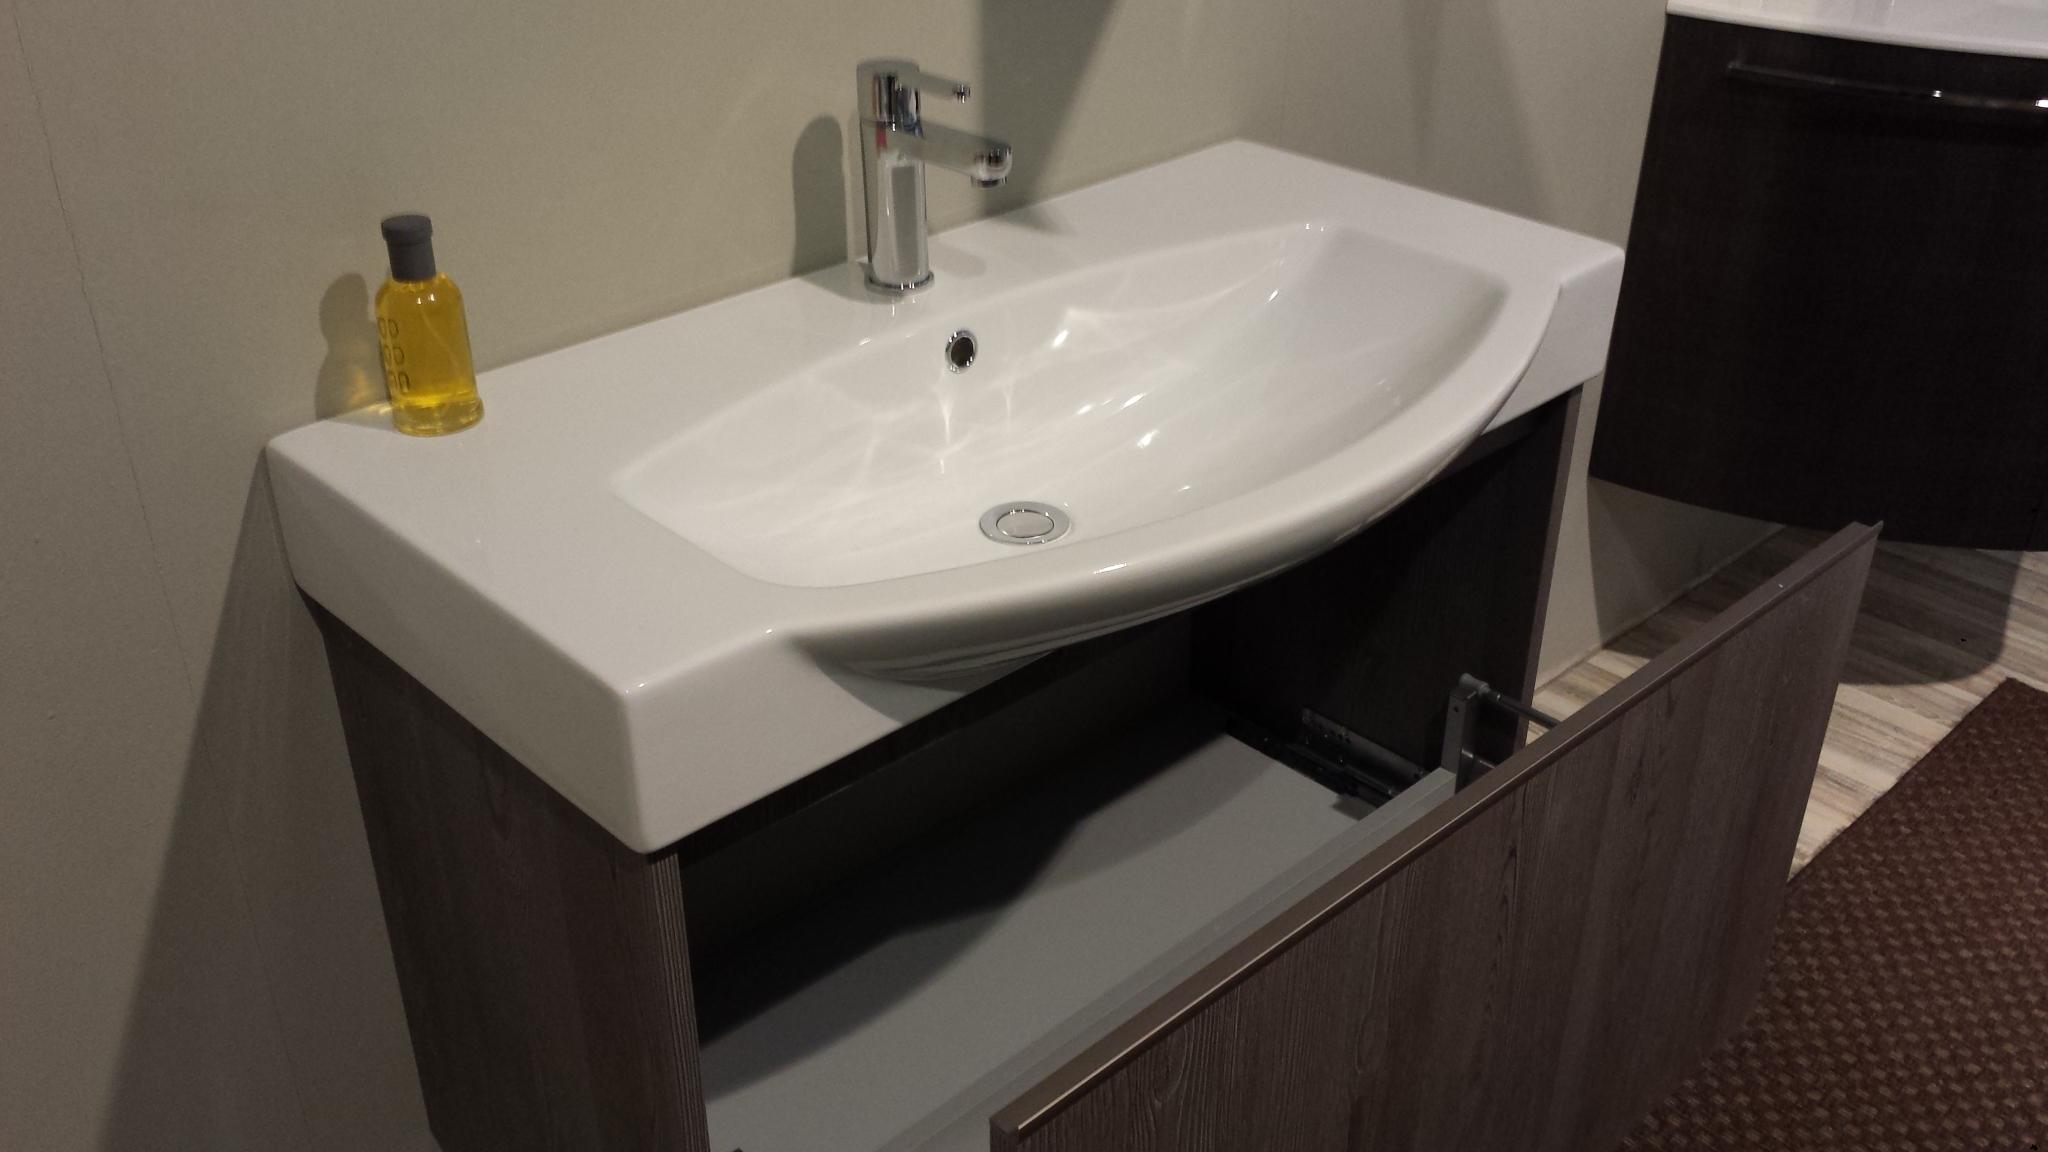 Arredo bagno prezzi scontati accessori bagno prezzi for Arredo bagno prezzi outlet